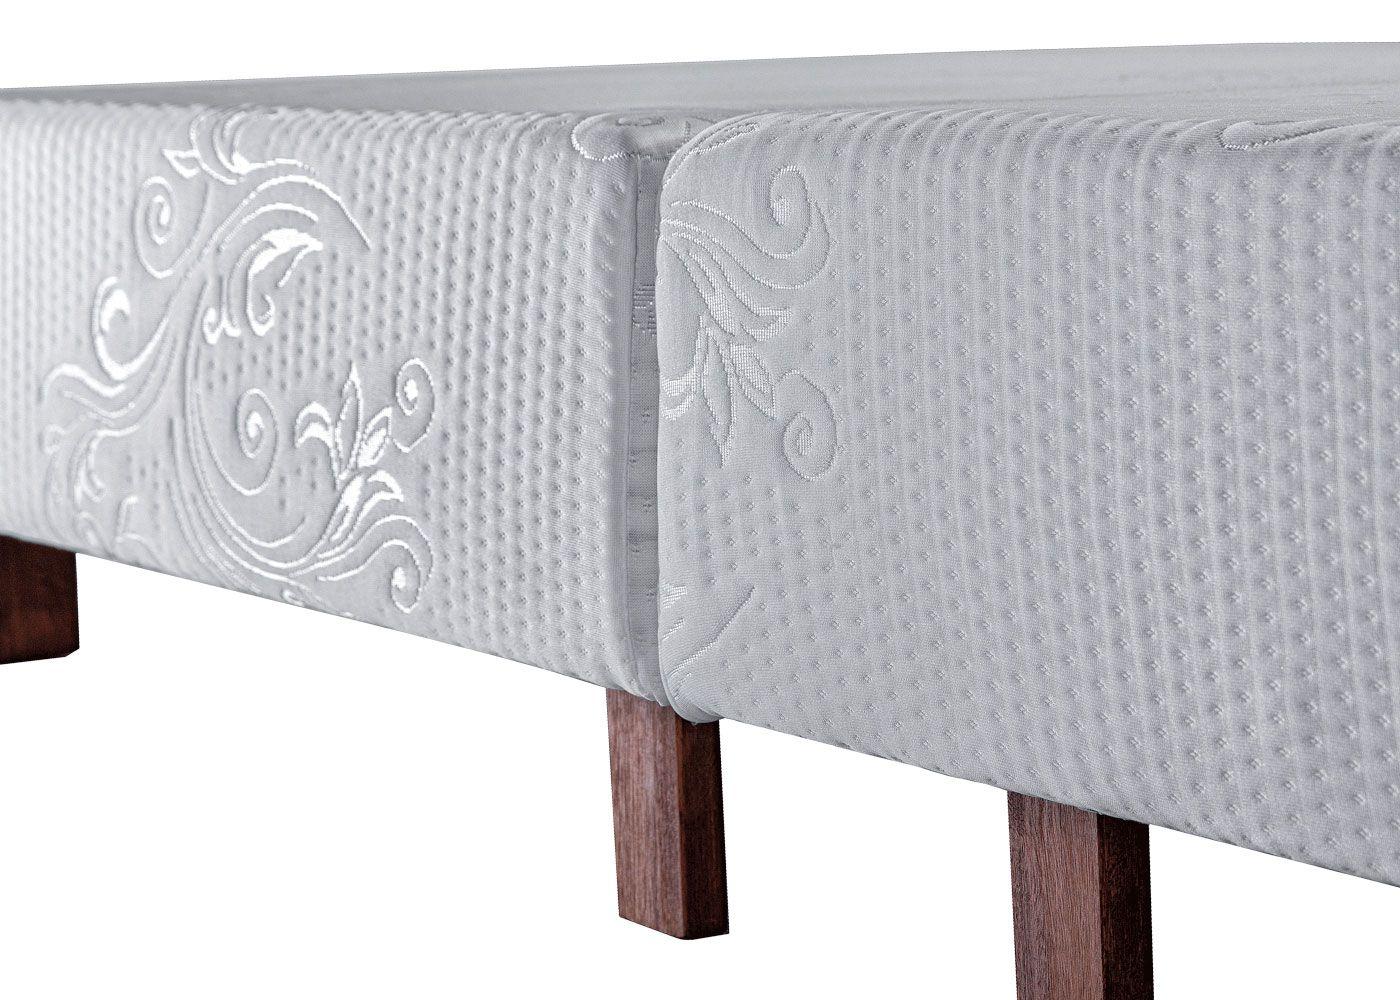 Cama Dobrável, Casal de Abrir com Colchão Embutido MAGNÉTICA 130cm x 190cm Kenko Premium  - Kenko Premium Colchões